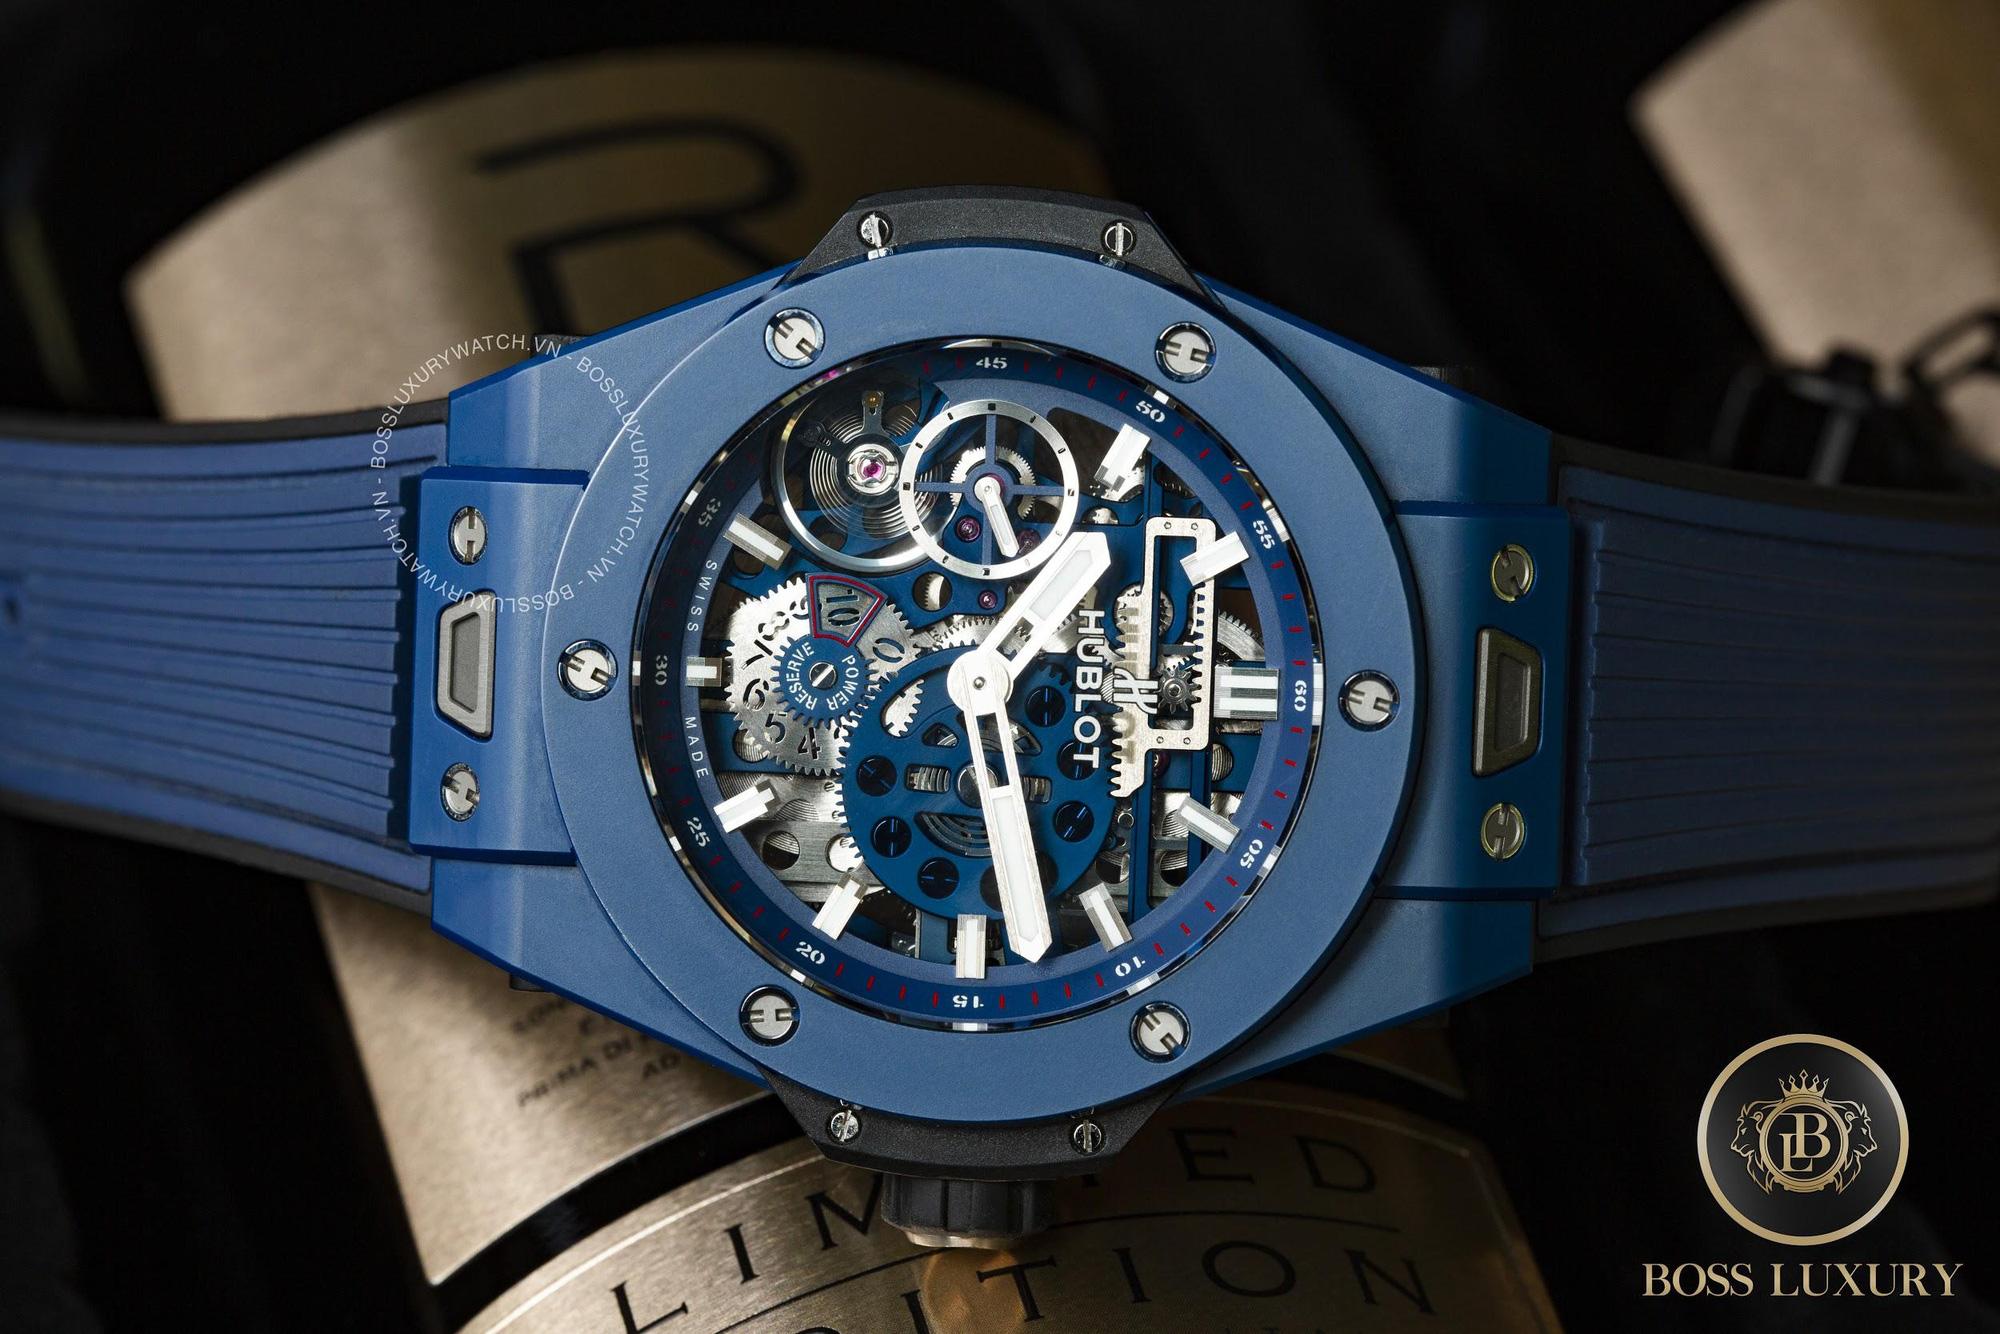 Boss Luxury gợi ý những mẫu đồng hồ đồng hành cùng quý ông chào mừng năm Tân Sửu 2021 - Ảnh 2.